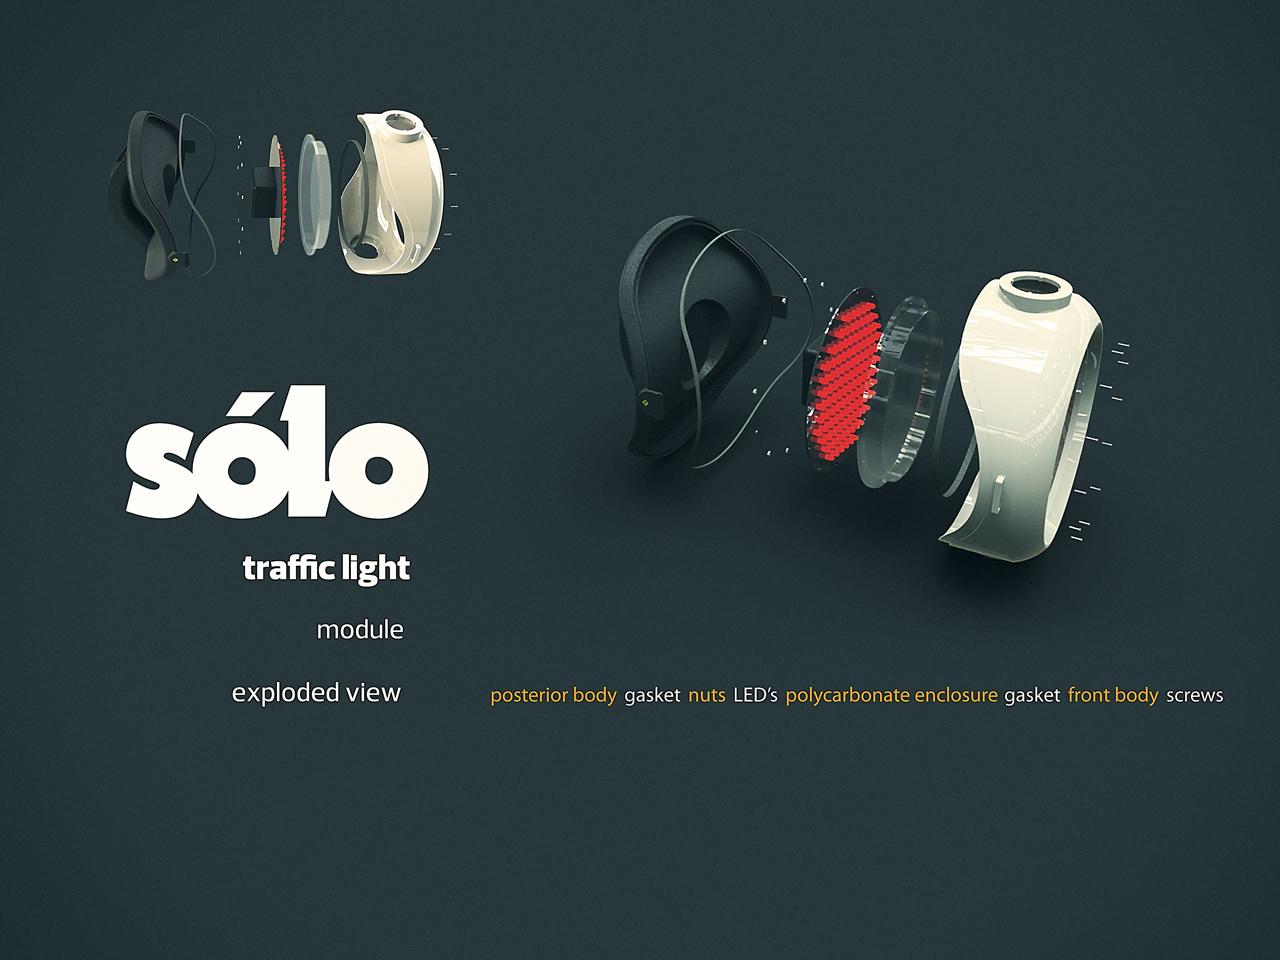 چراغ راهنمایی - چراغ سه خونه چراغ ترافیکی